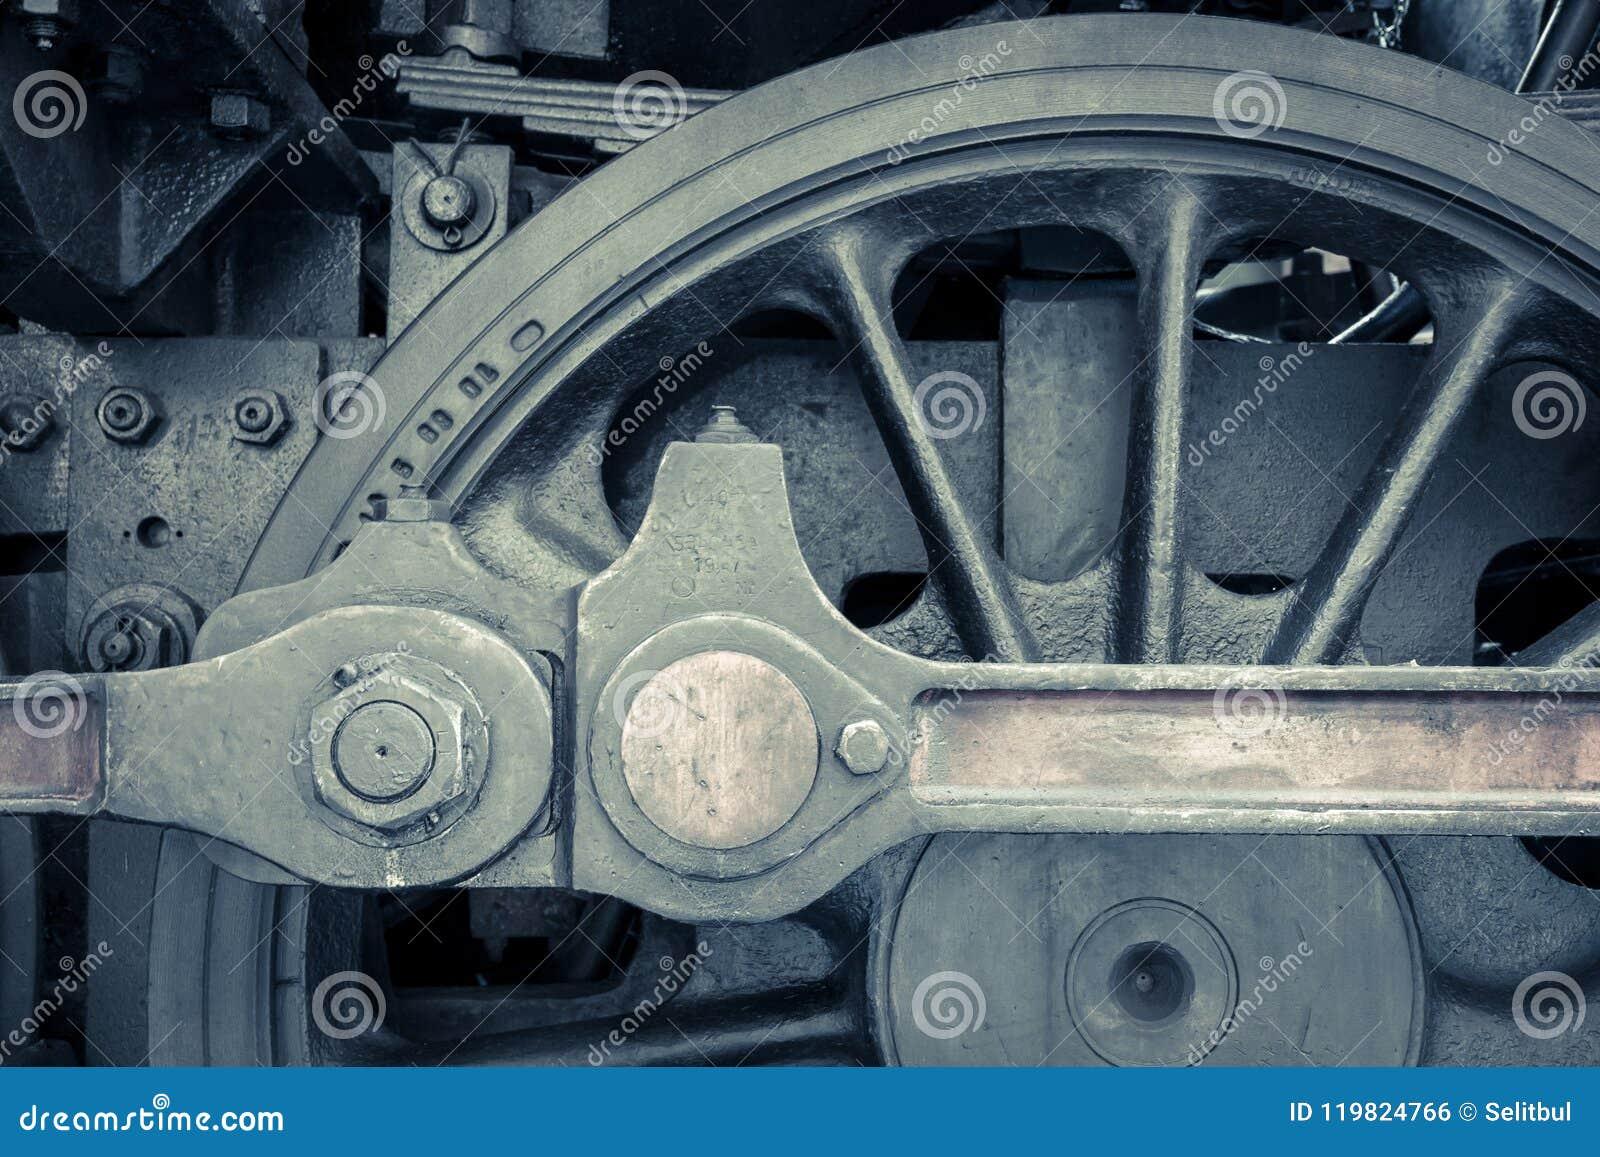 Detail of steam train machine